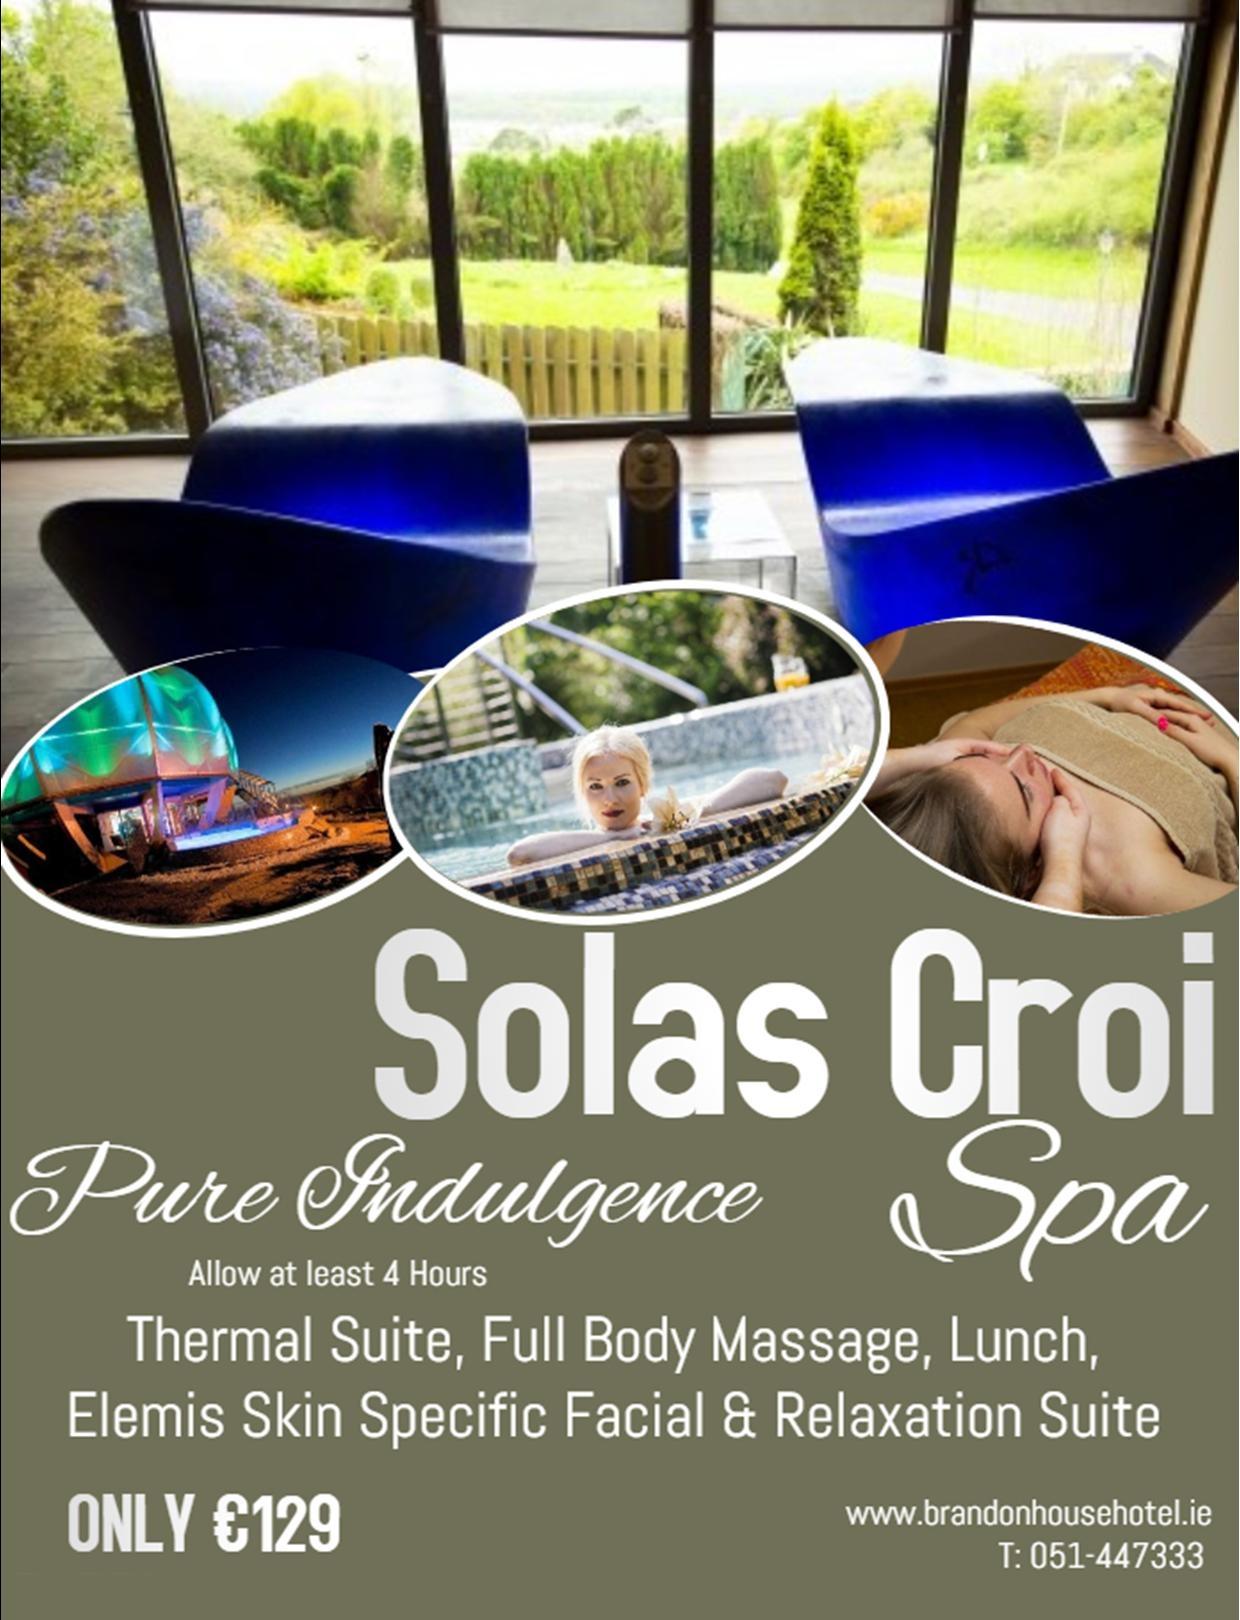 Solas Croi Spa | Spa Hotel | Brandon House Hotel